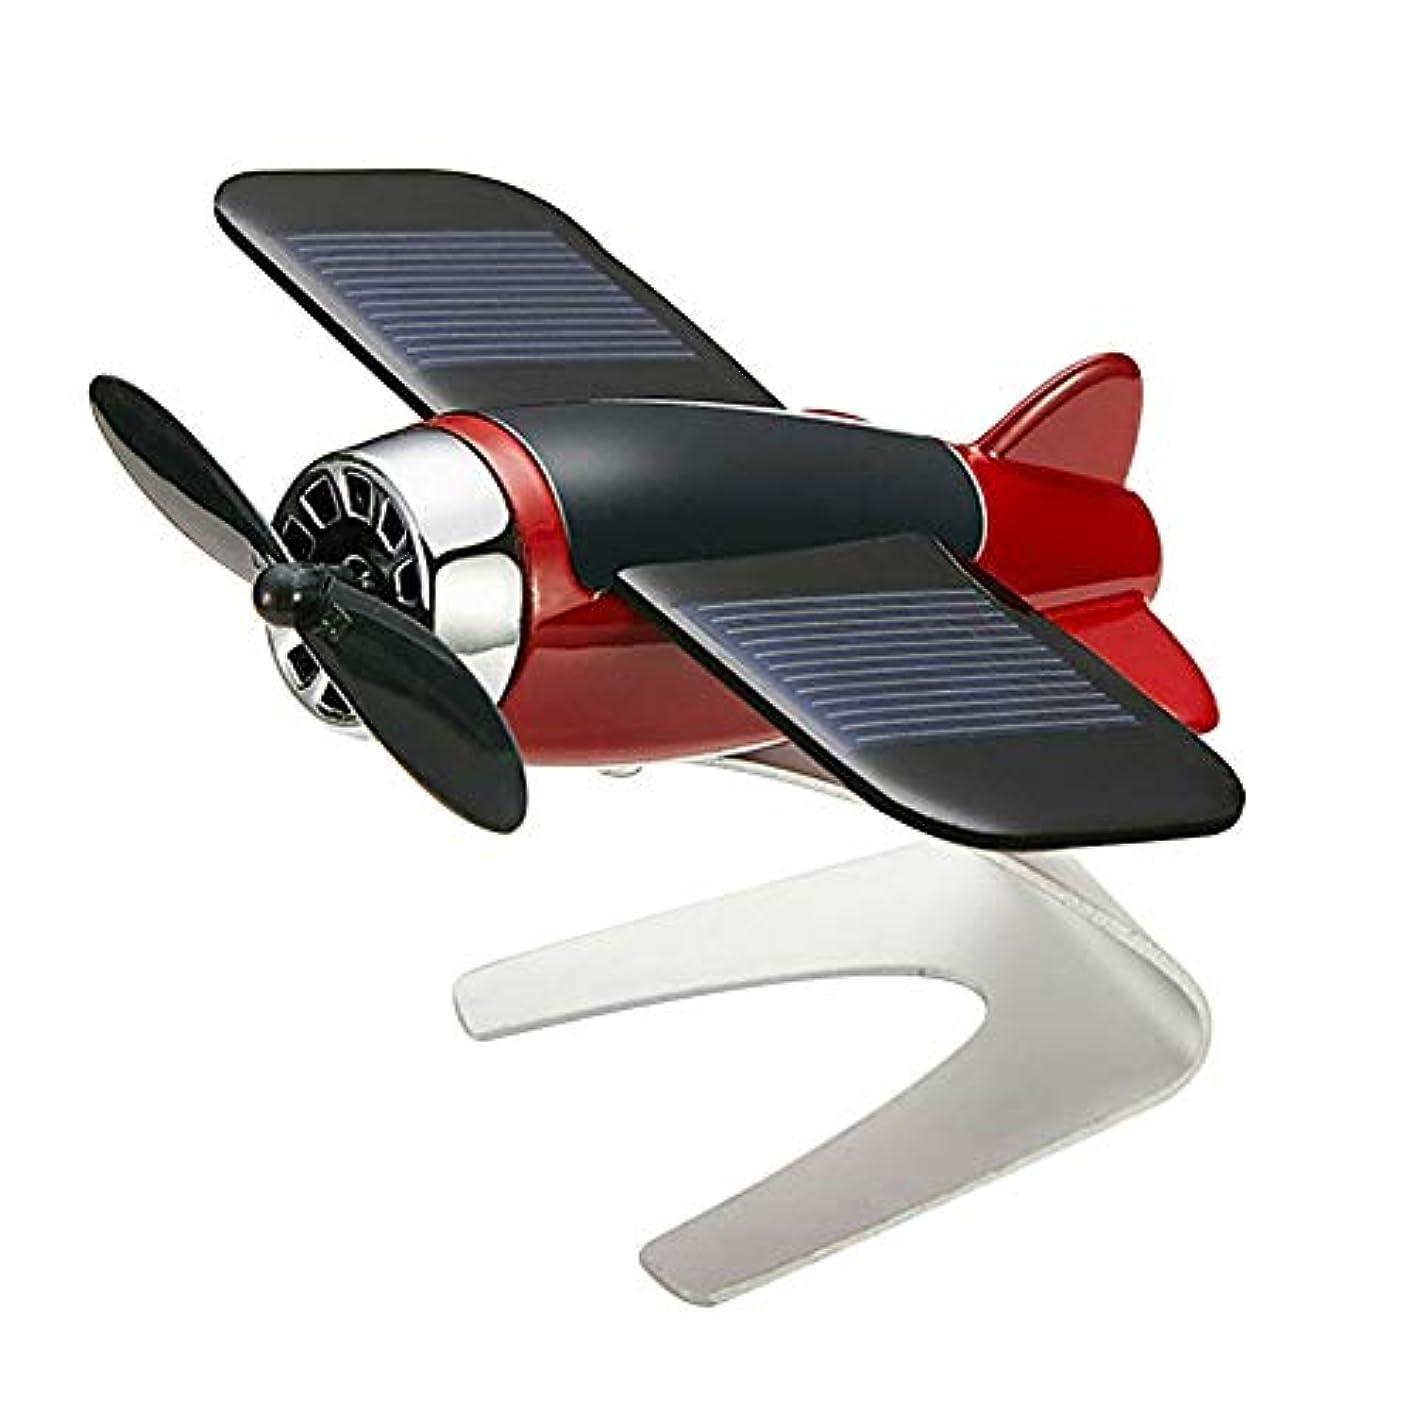 不快な避けるピアノSymboat 車の芳香剤飛行機航空機モデル太陽エネルギーアロマテラピー室内装飾